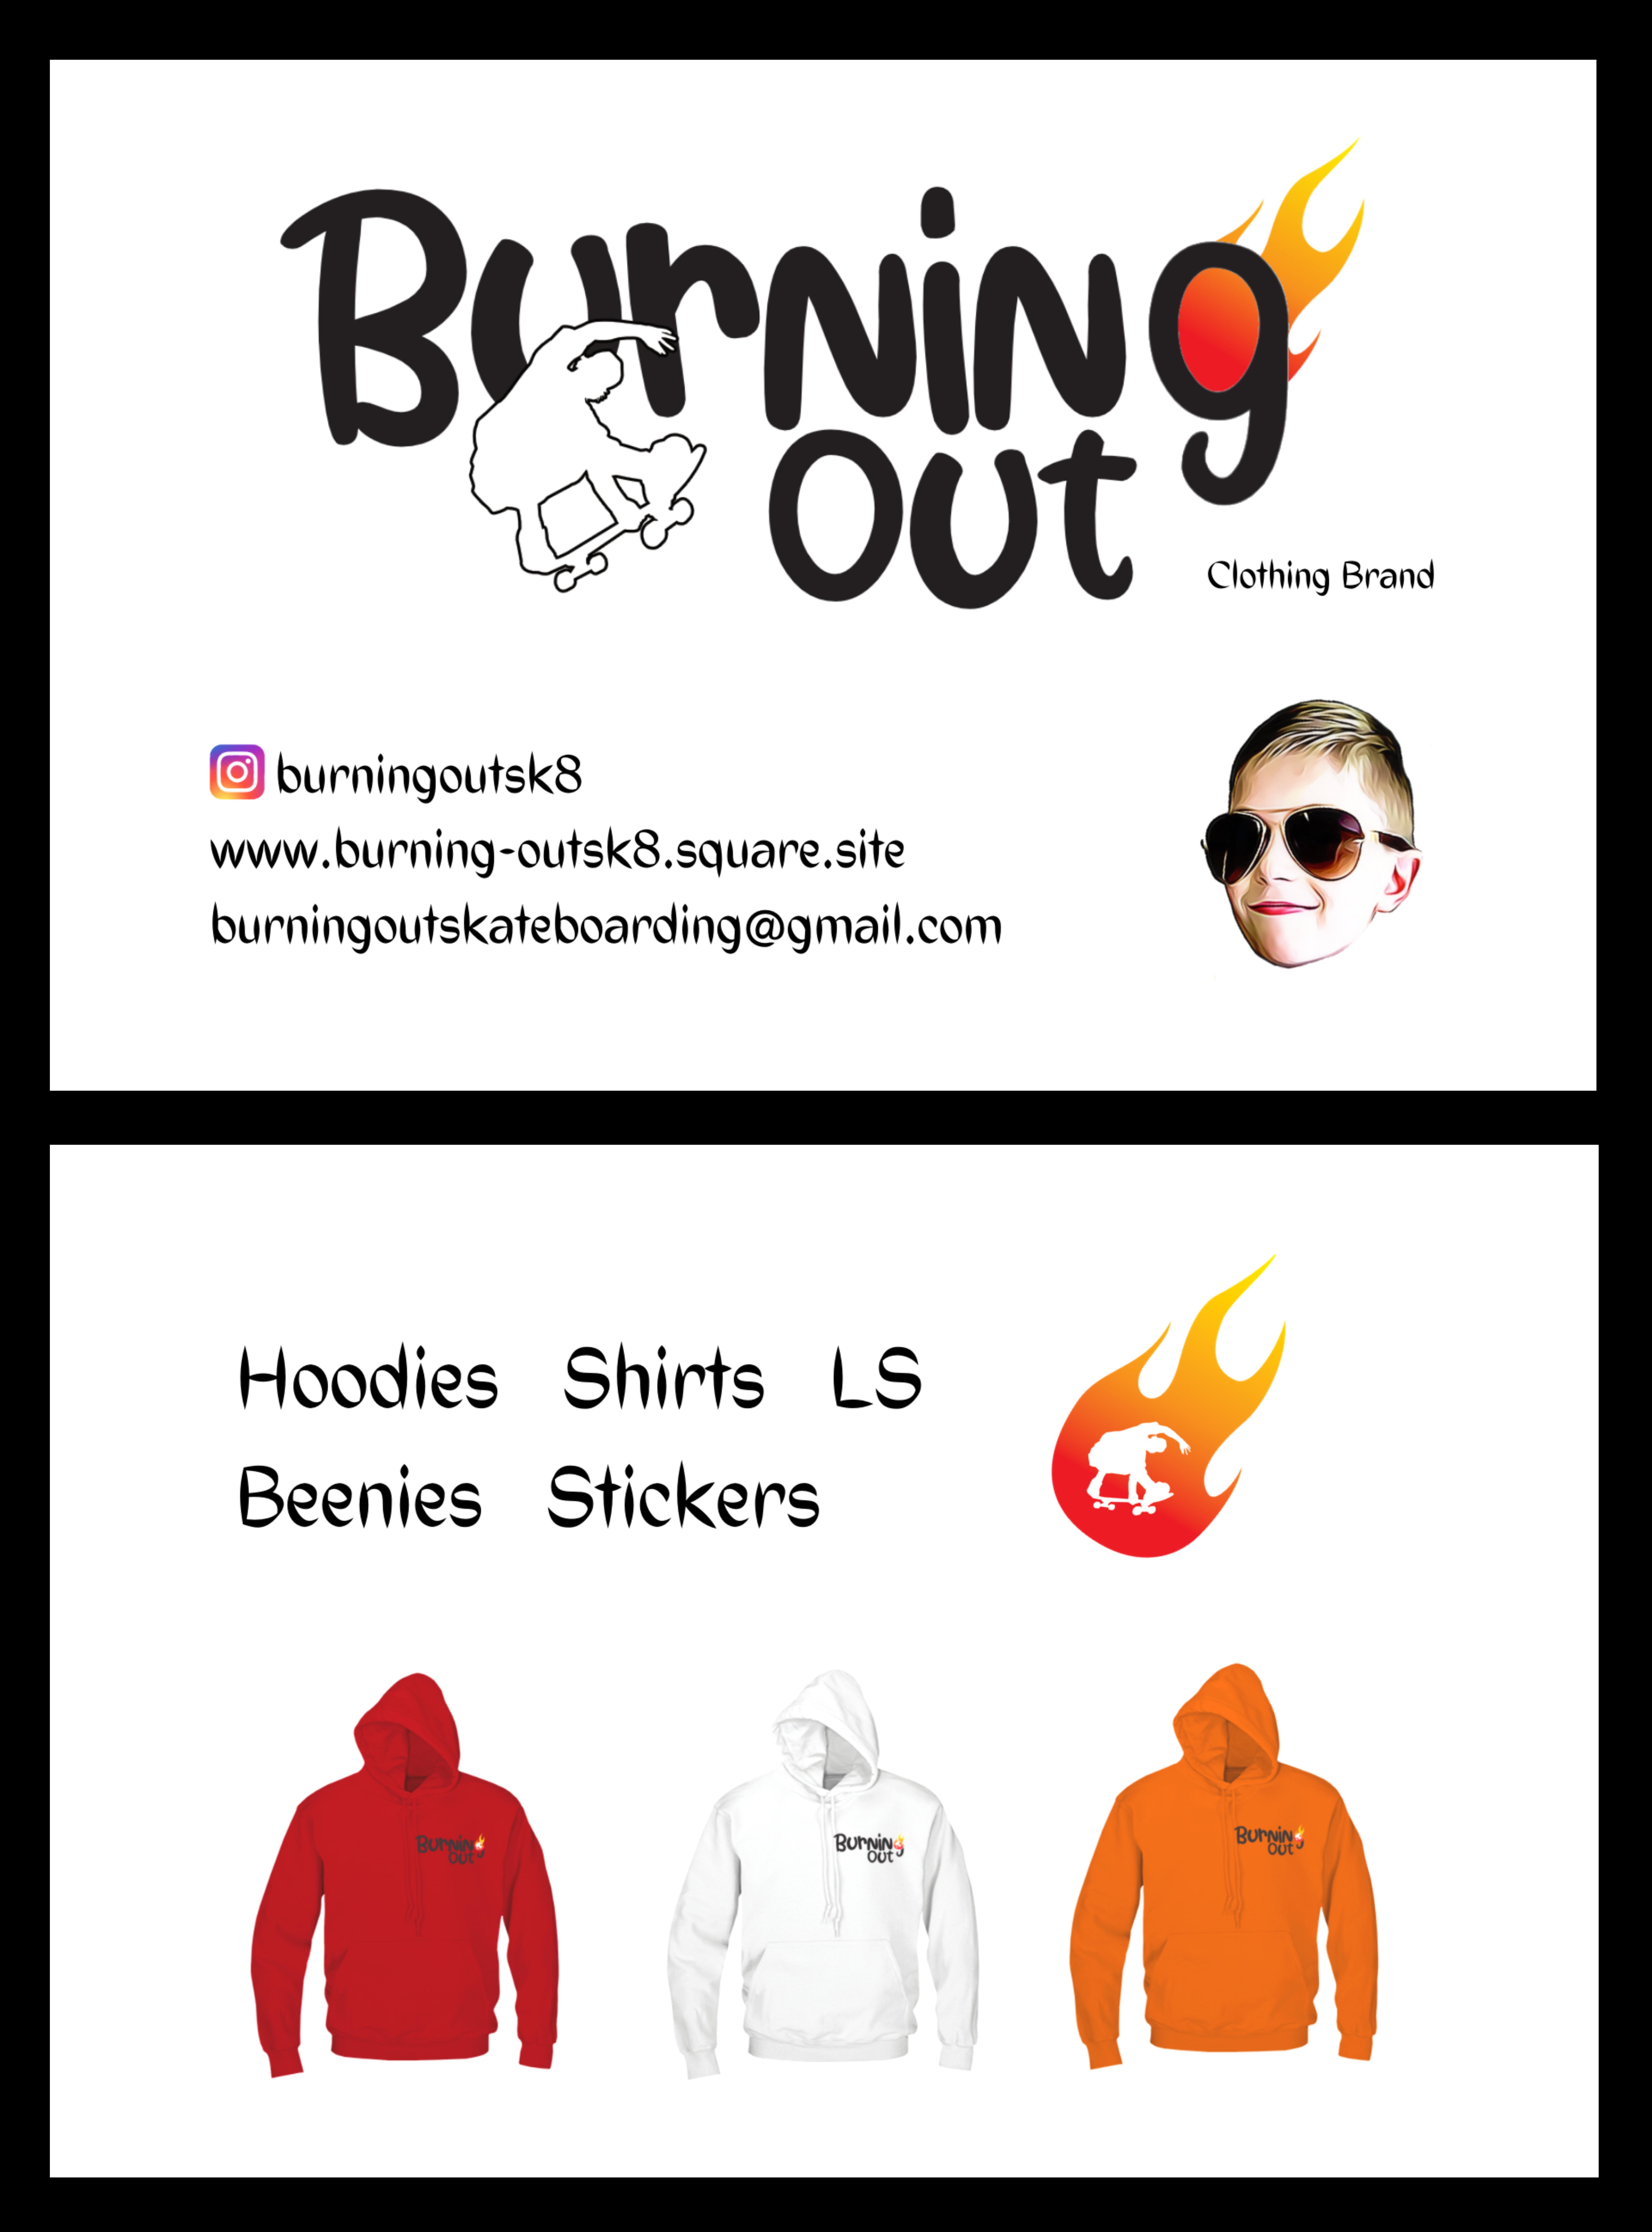 Burningout sk8 clothing brand